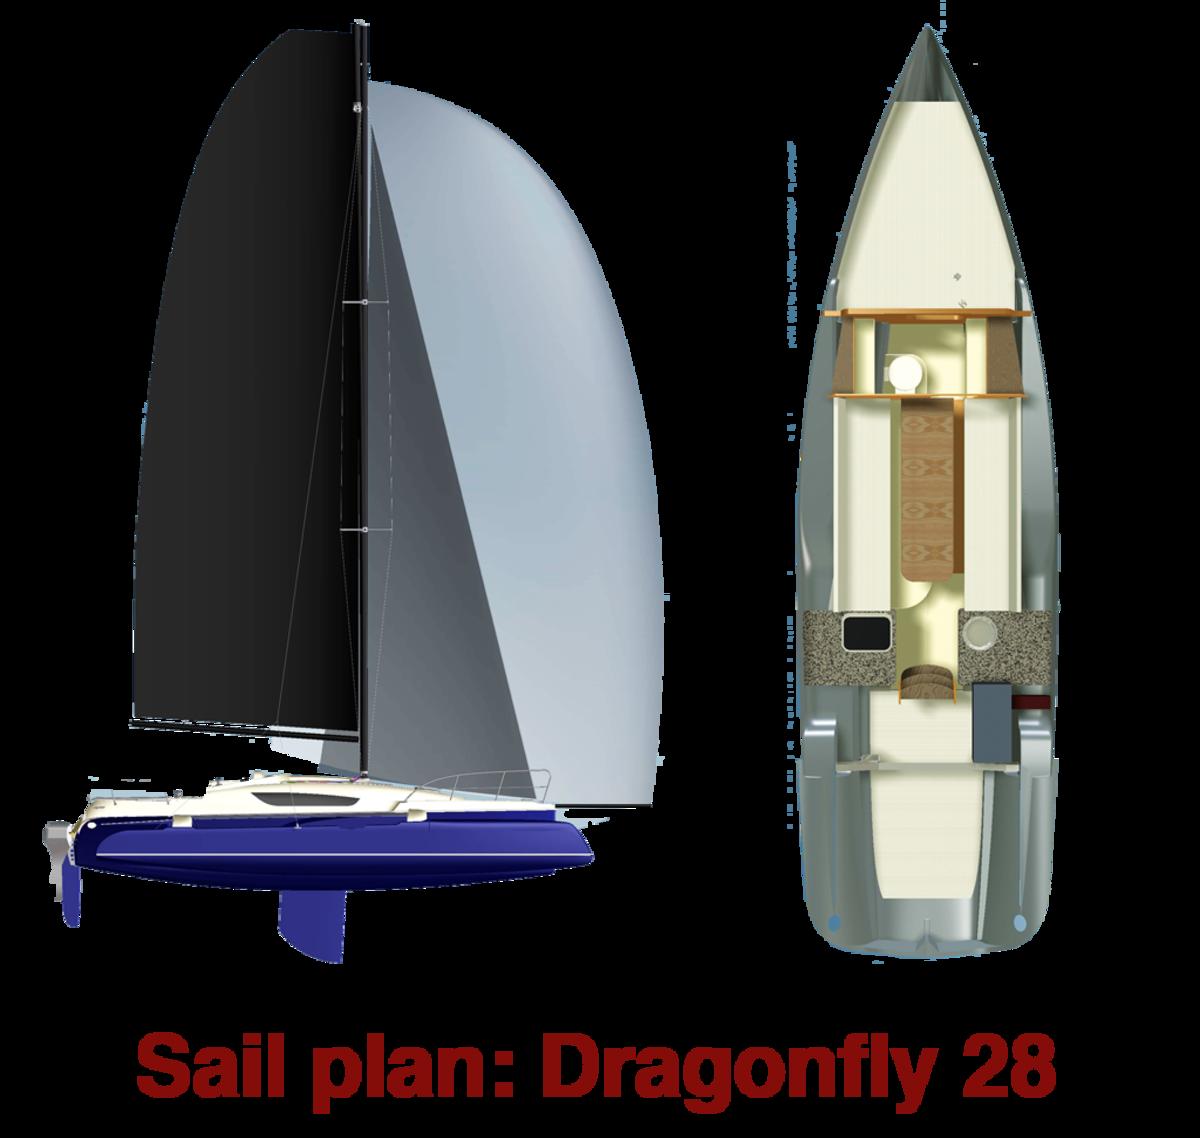 sailplandragonfly28